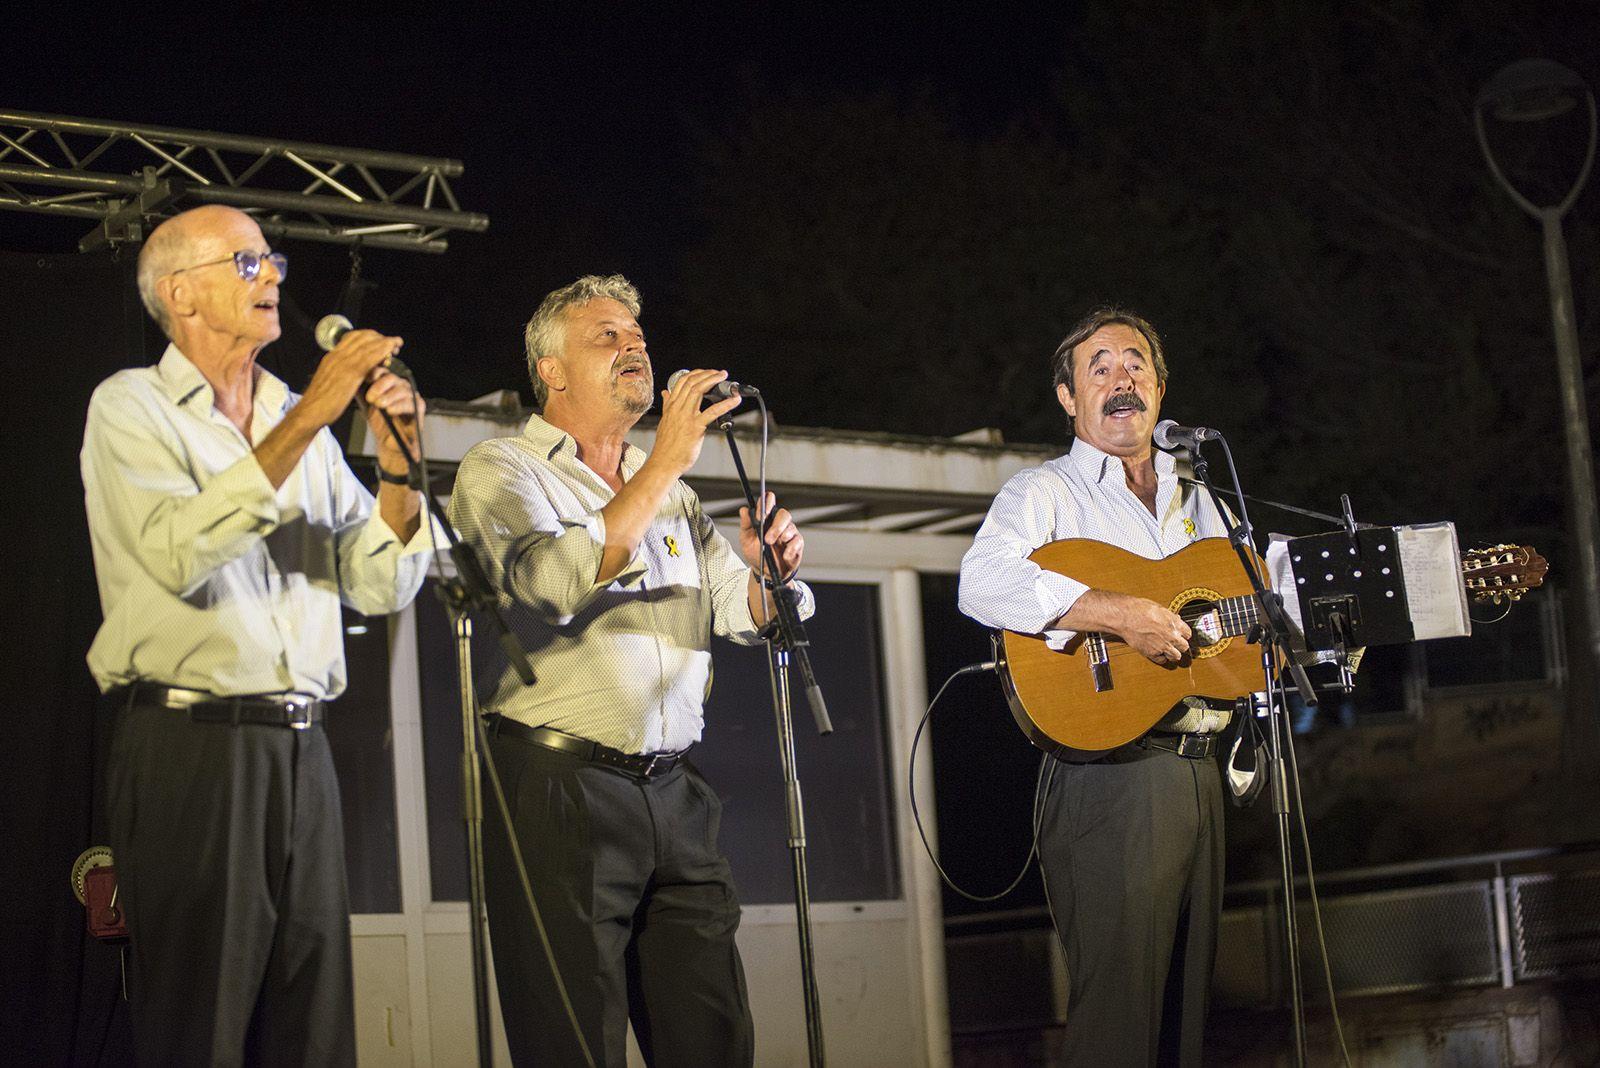 Pregó i Port Bo de Festa Major de Valldoreix. Foto: Bernat Millet